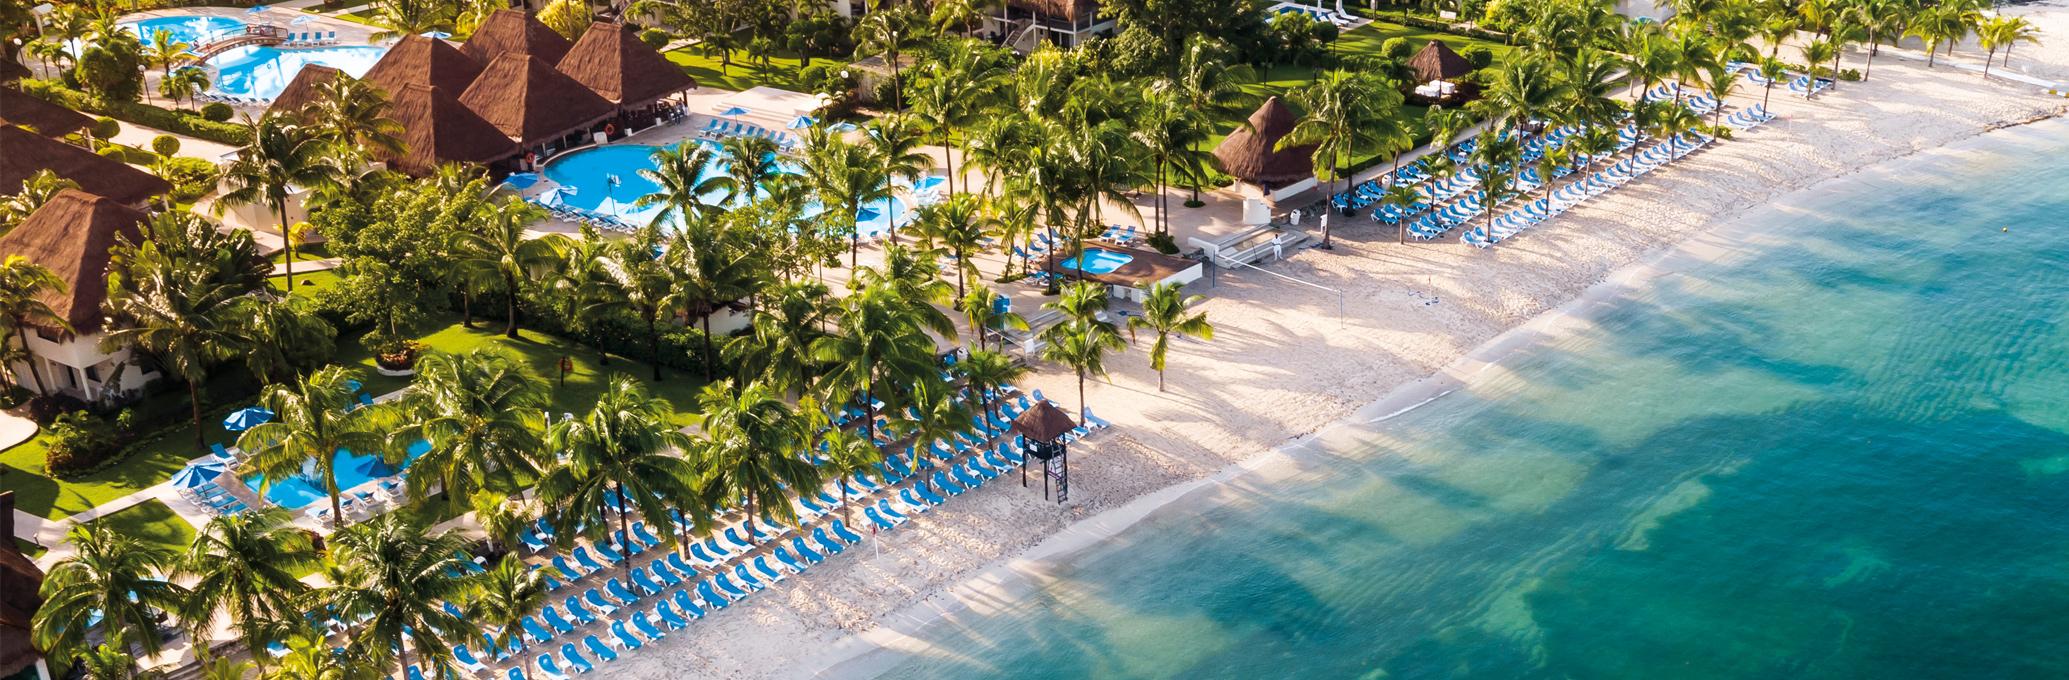 Allegro Cozumel: melhores hotéis em Cozumel